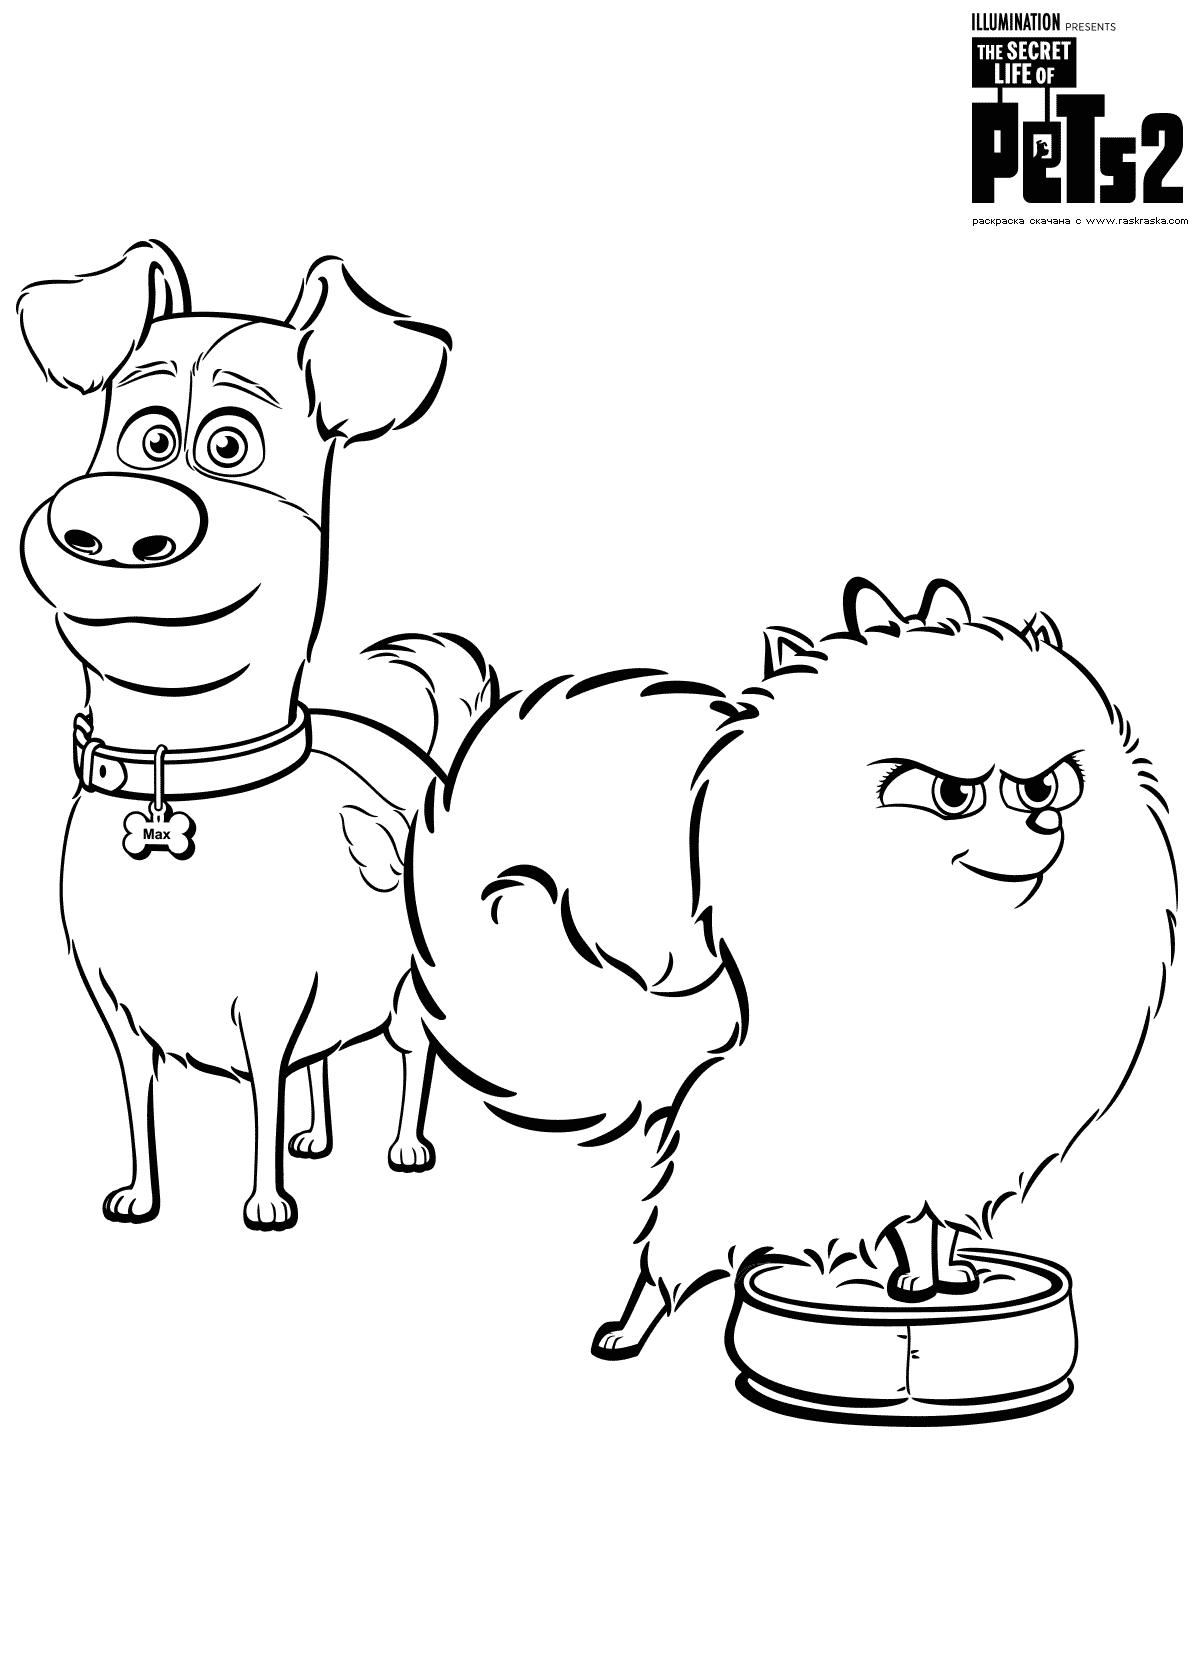 Раскраска Макс и Гиджет. Раскраска Собаки, домашние животные